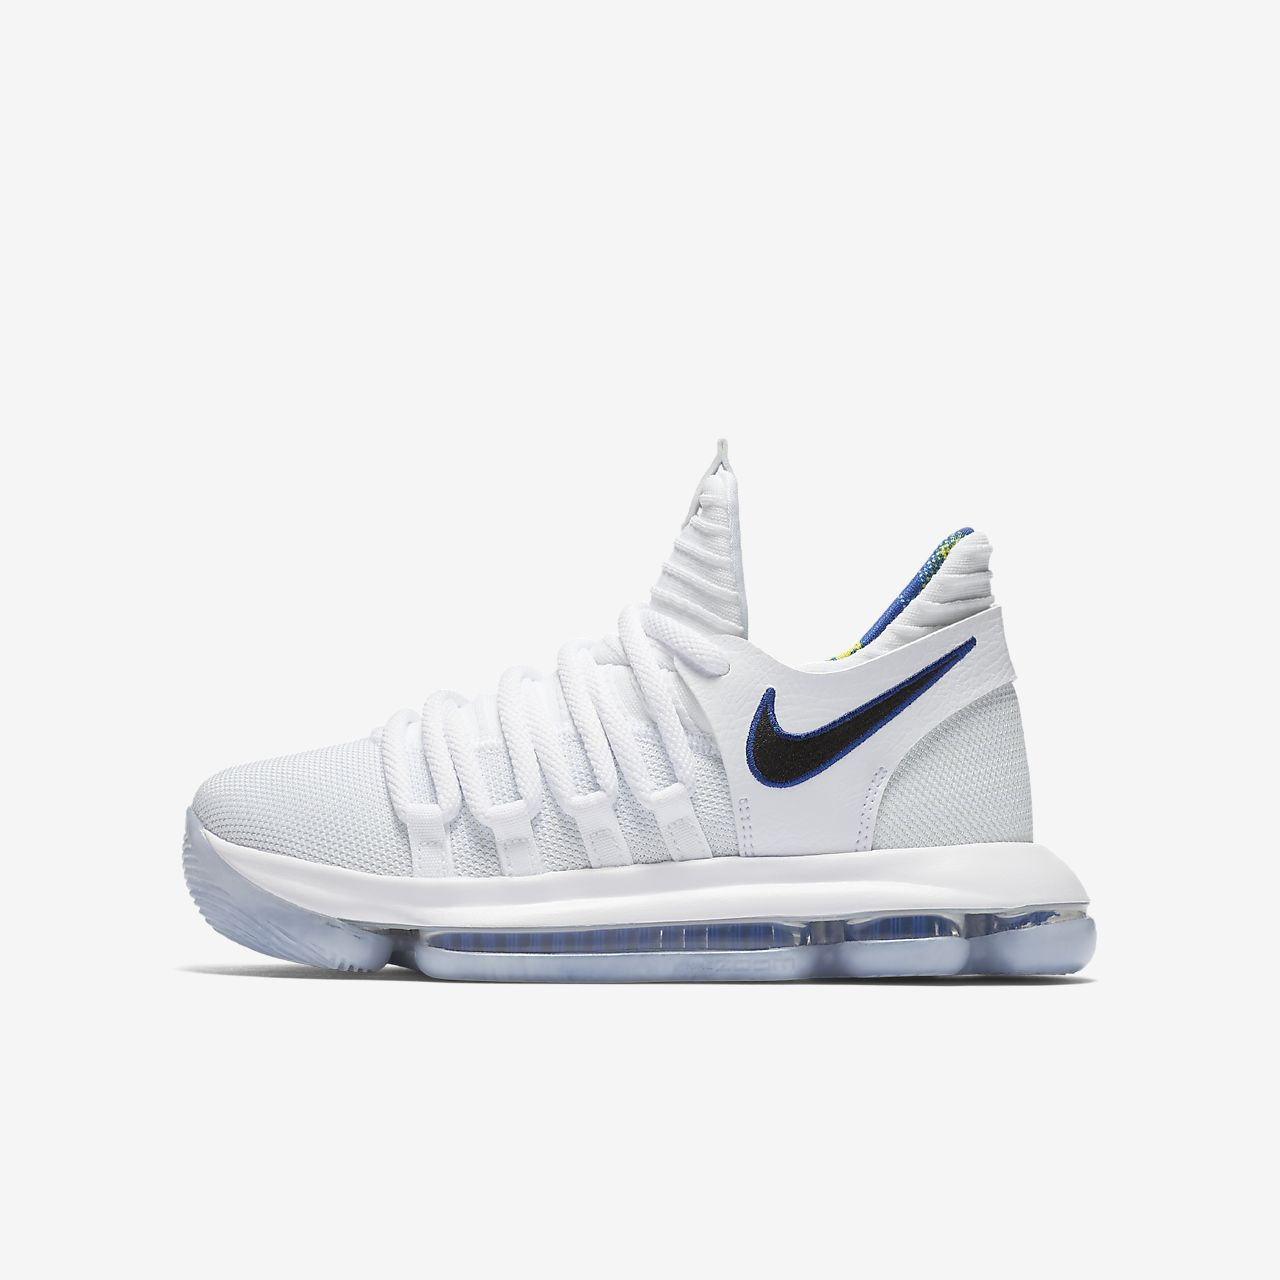 ... Nike Zoom KDX Limited NBA Big Kids' Basketball Shoe